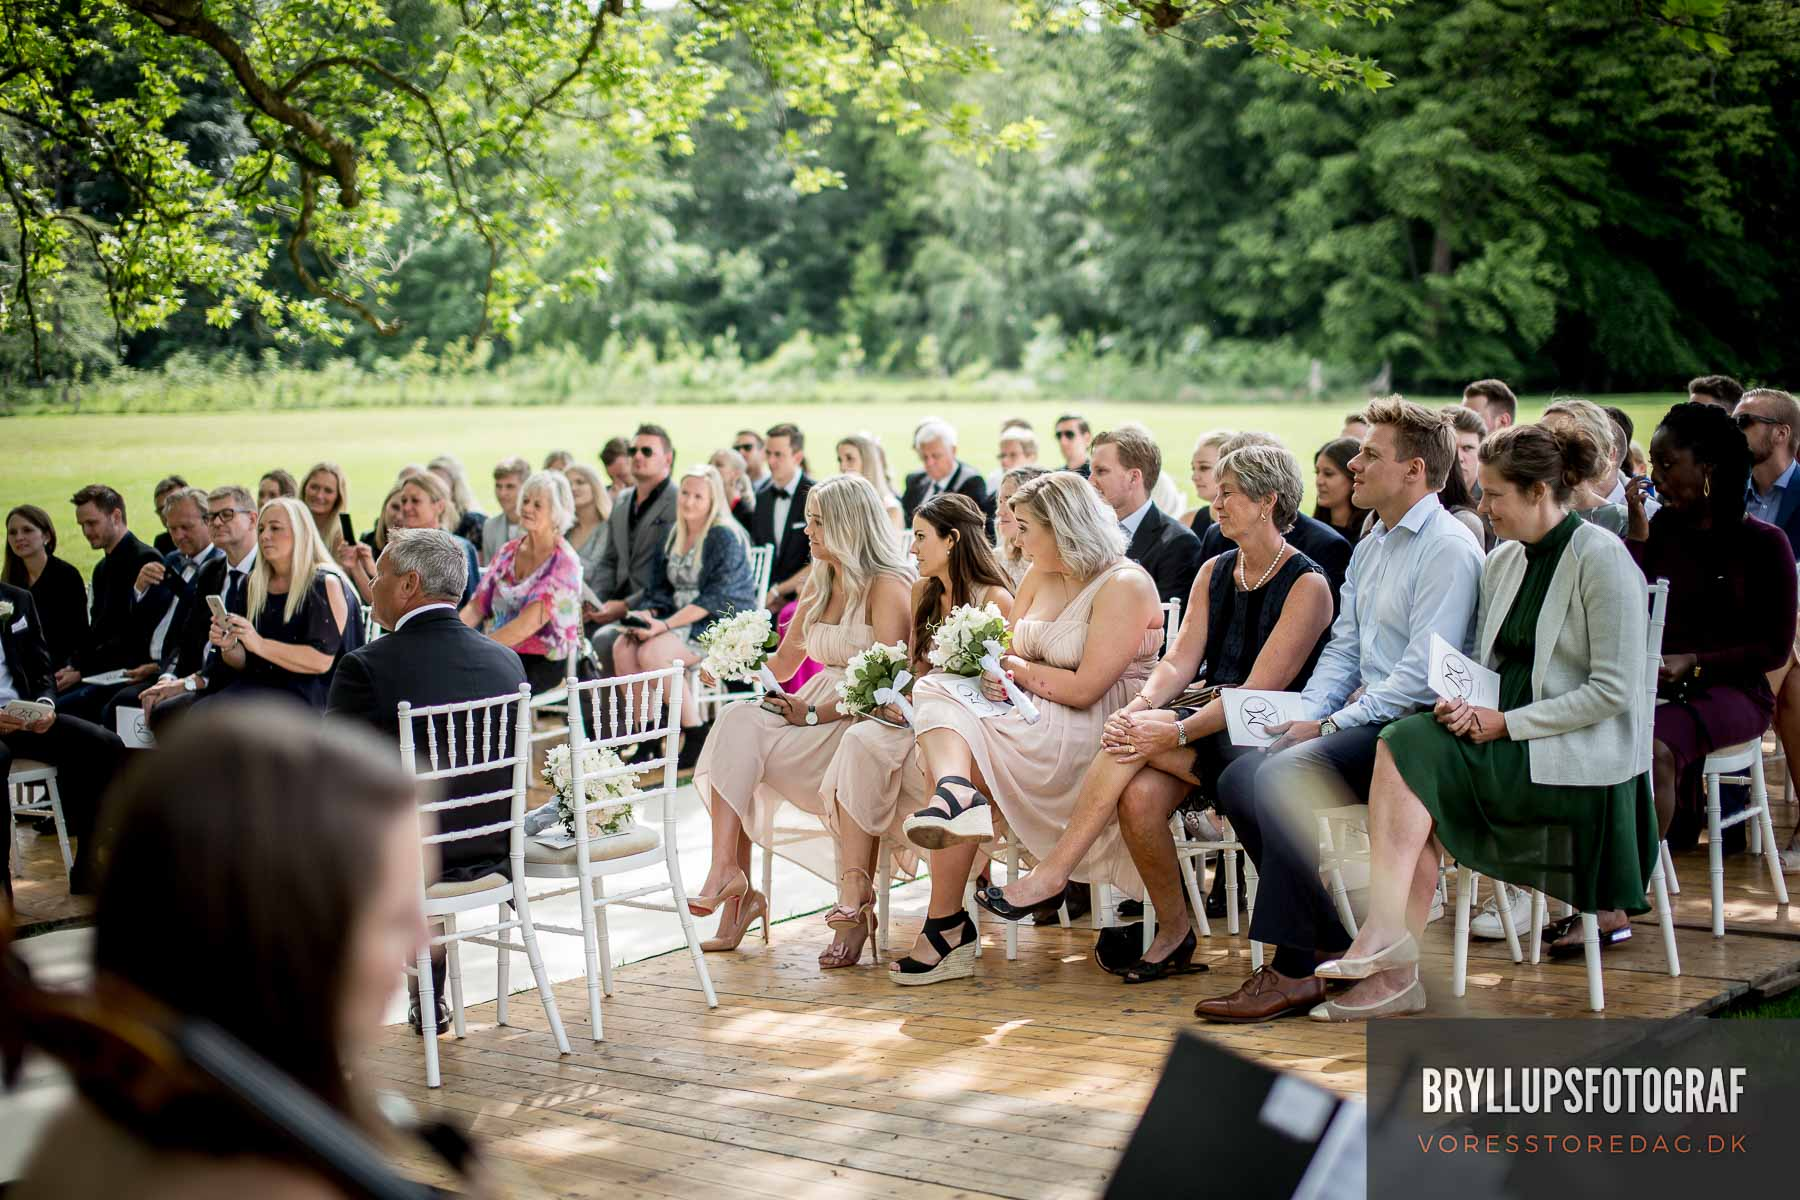 Bryllupsfotograf i KBH | Dækker på hele Sjælland og Fyn